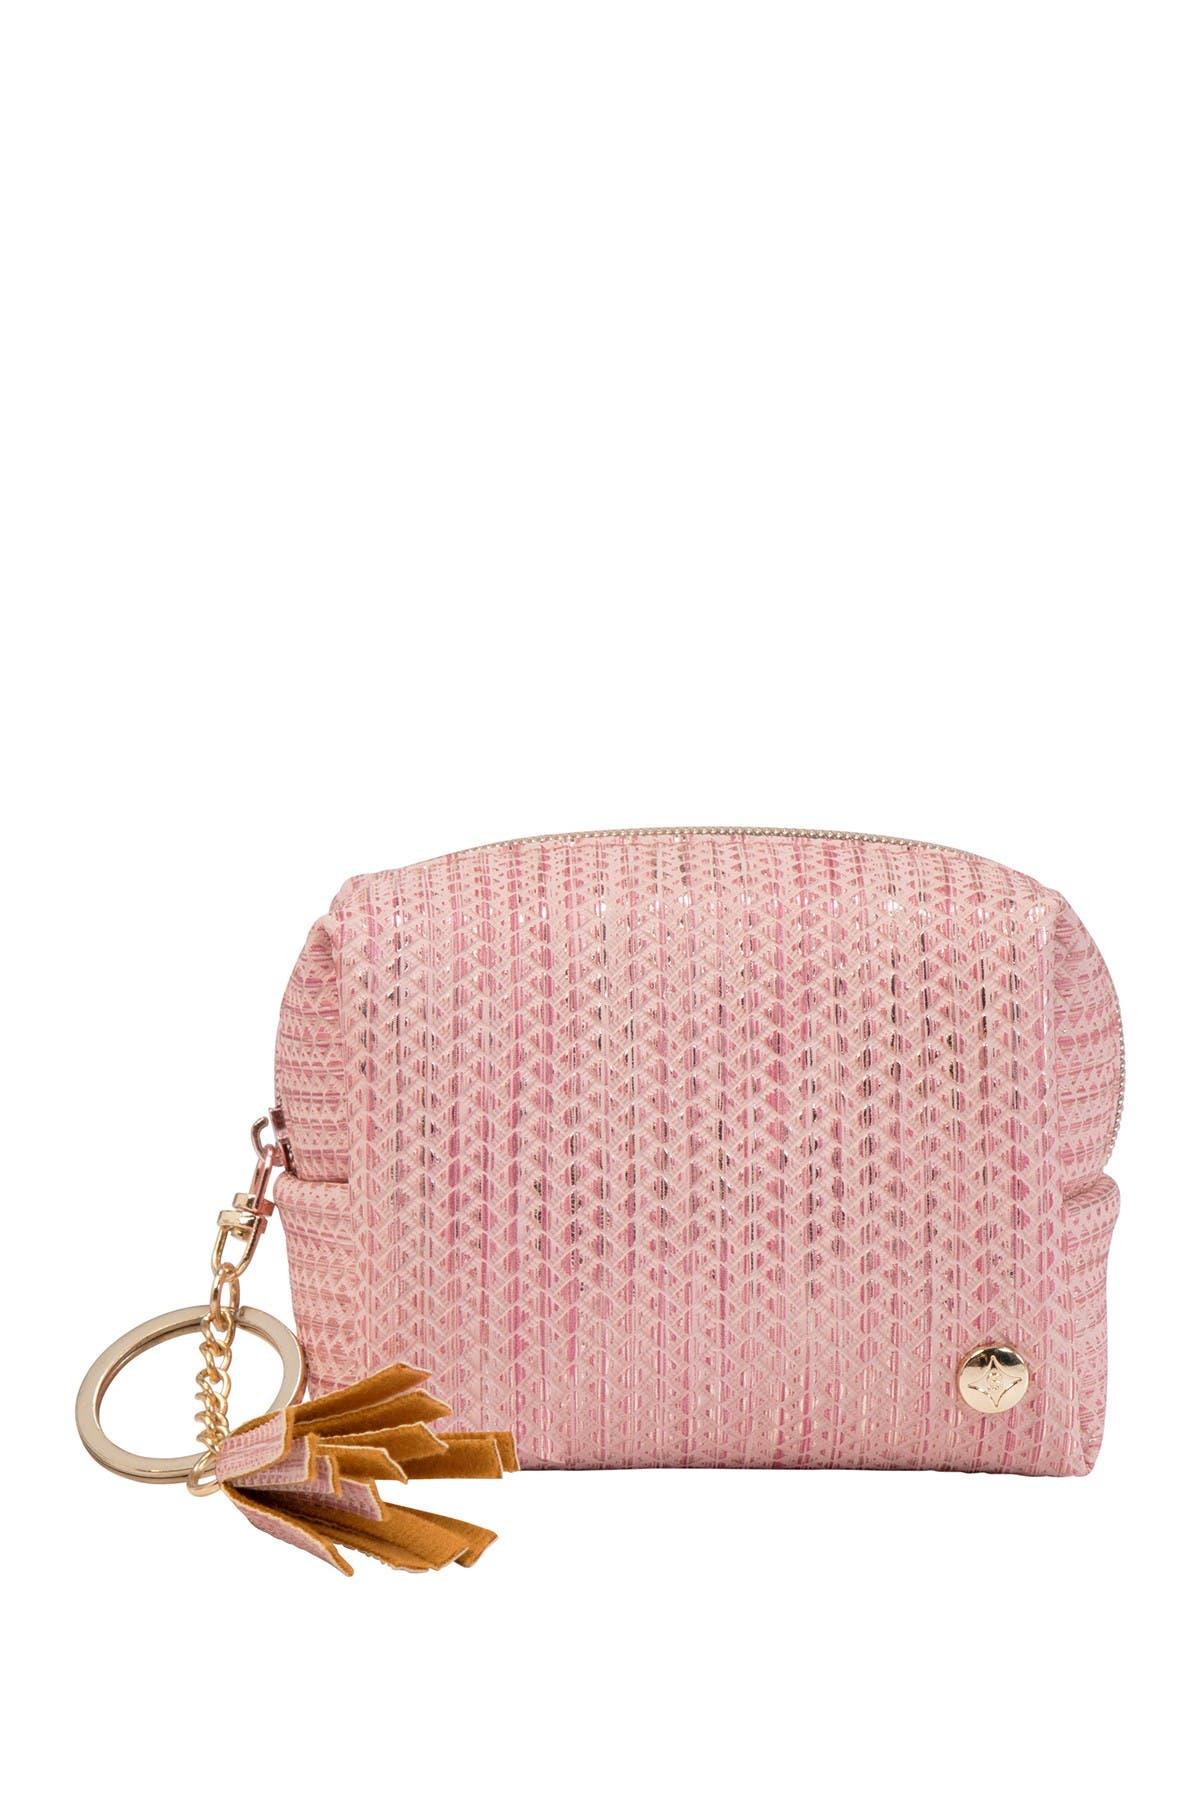 Stephanie Johnson Aruba Zoe Keychain Pouch - Pink